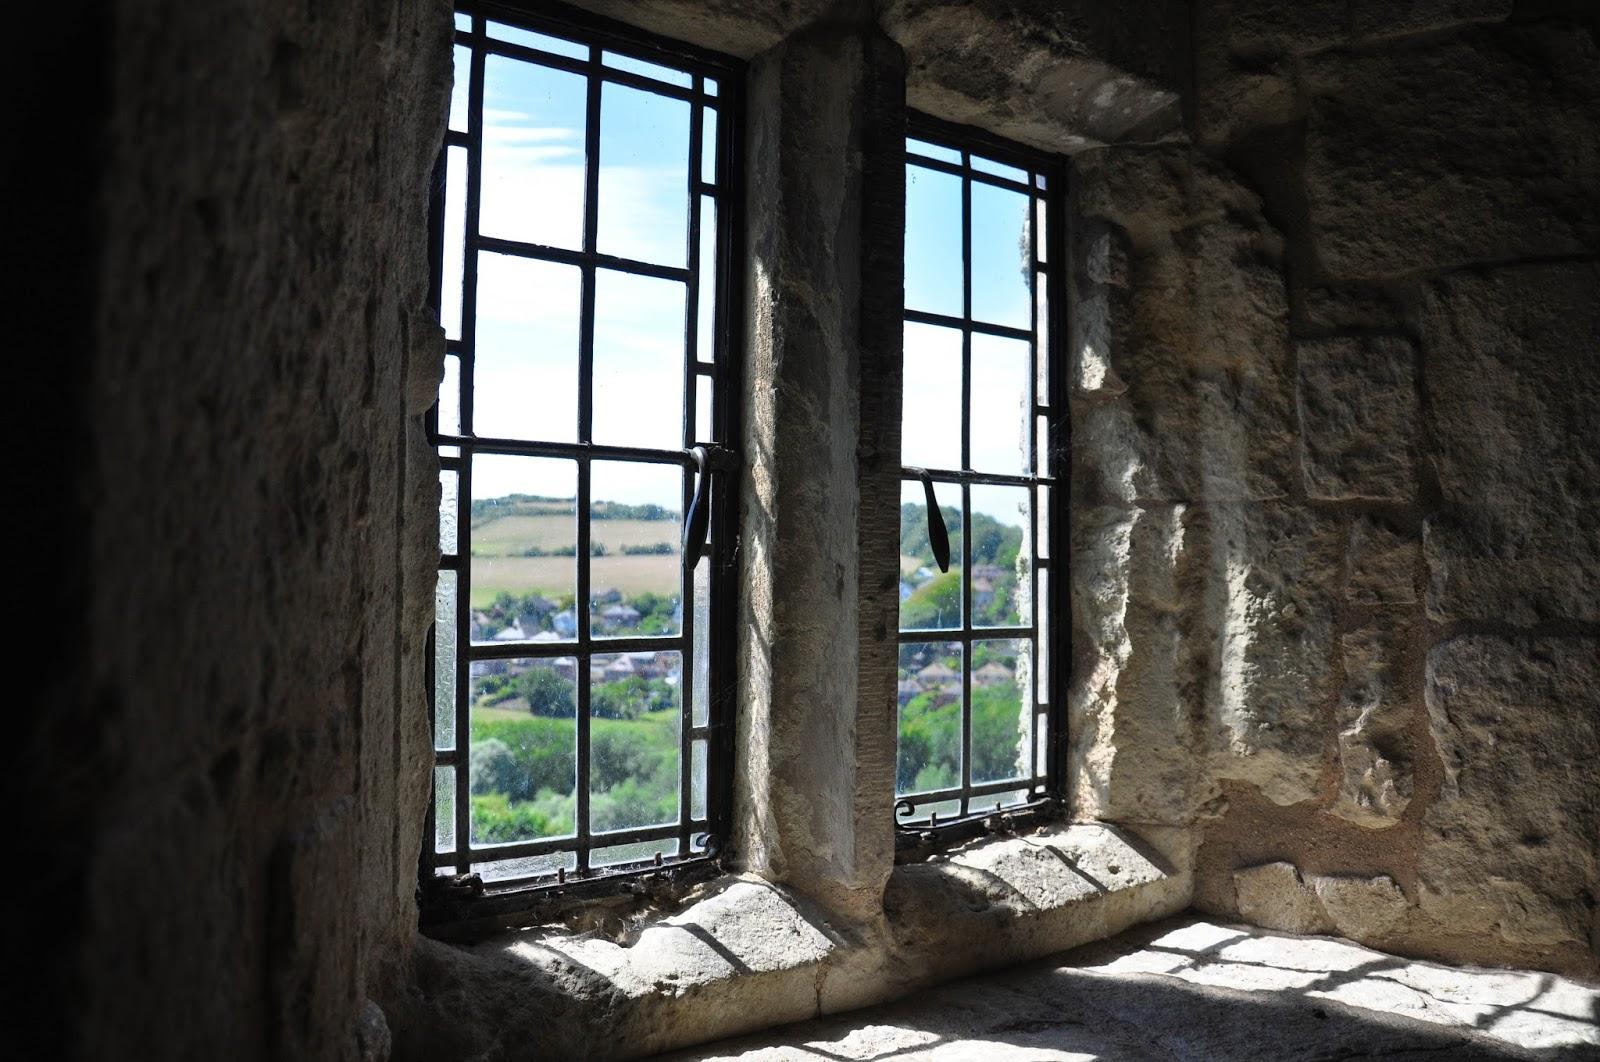 Window facing the beautiful landscape, Carisbrook Castle, Isle of Wight, UK